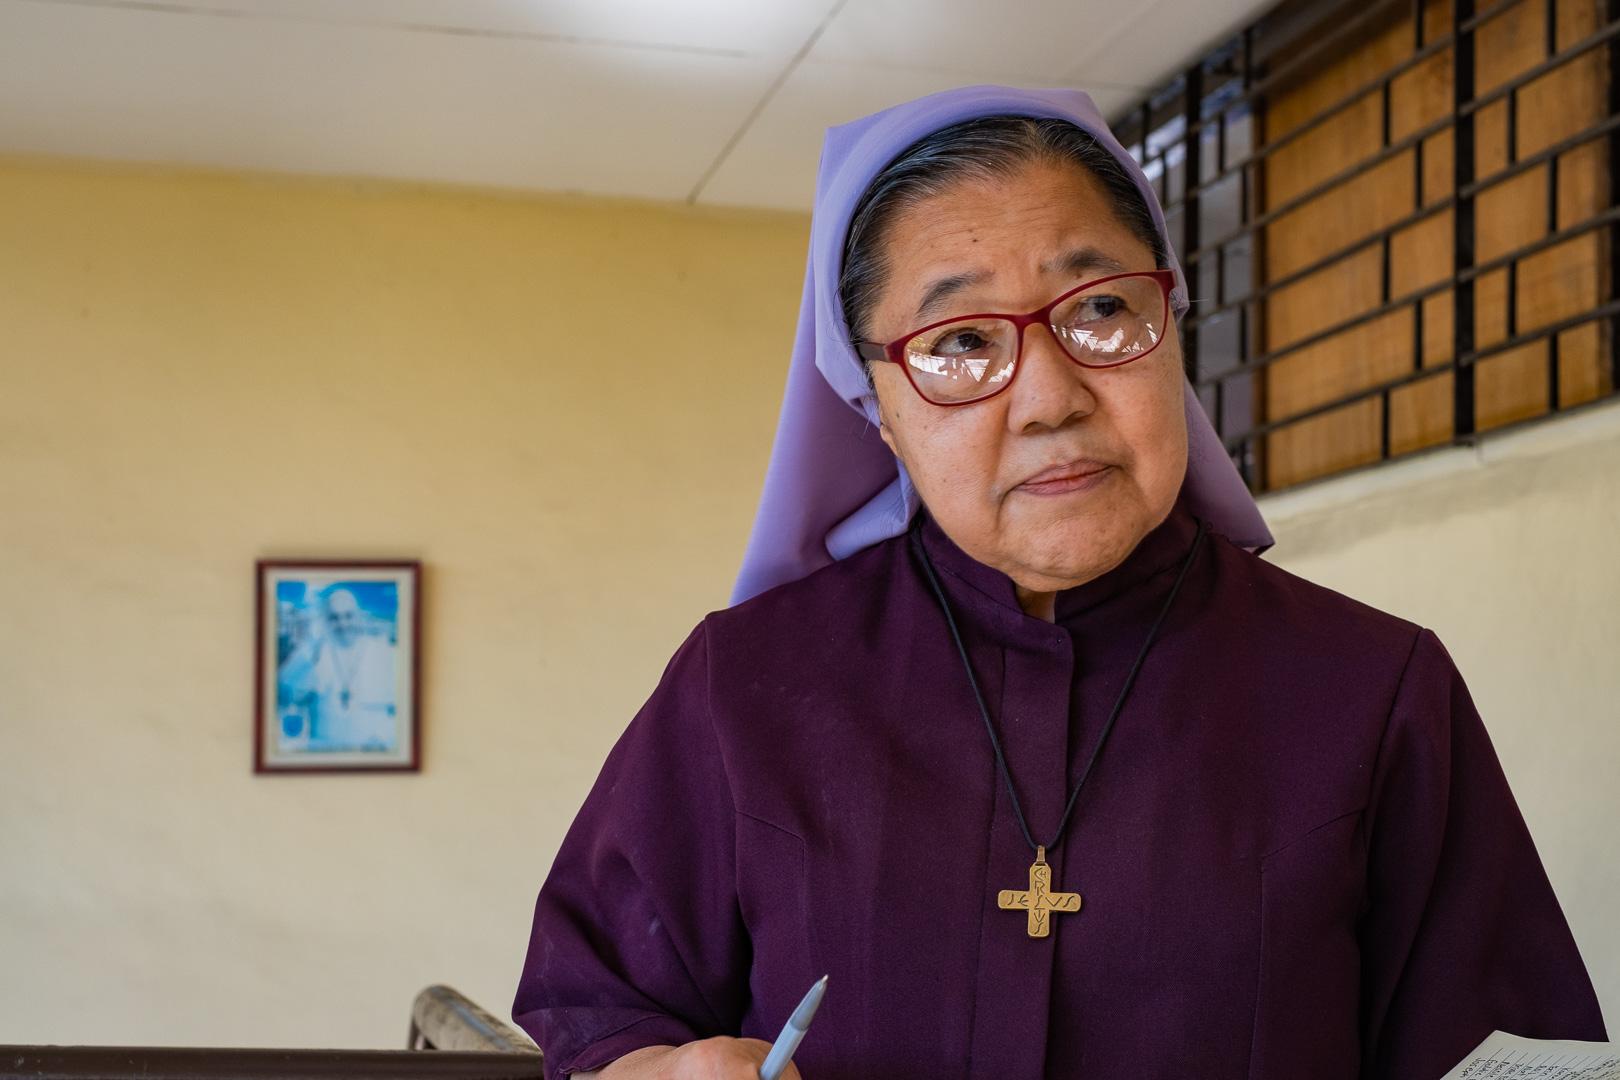 Principal Sister Bernadette